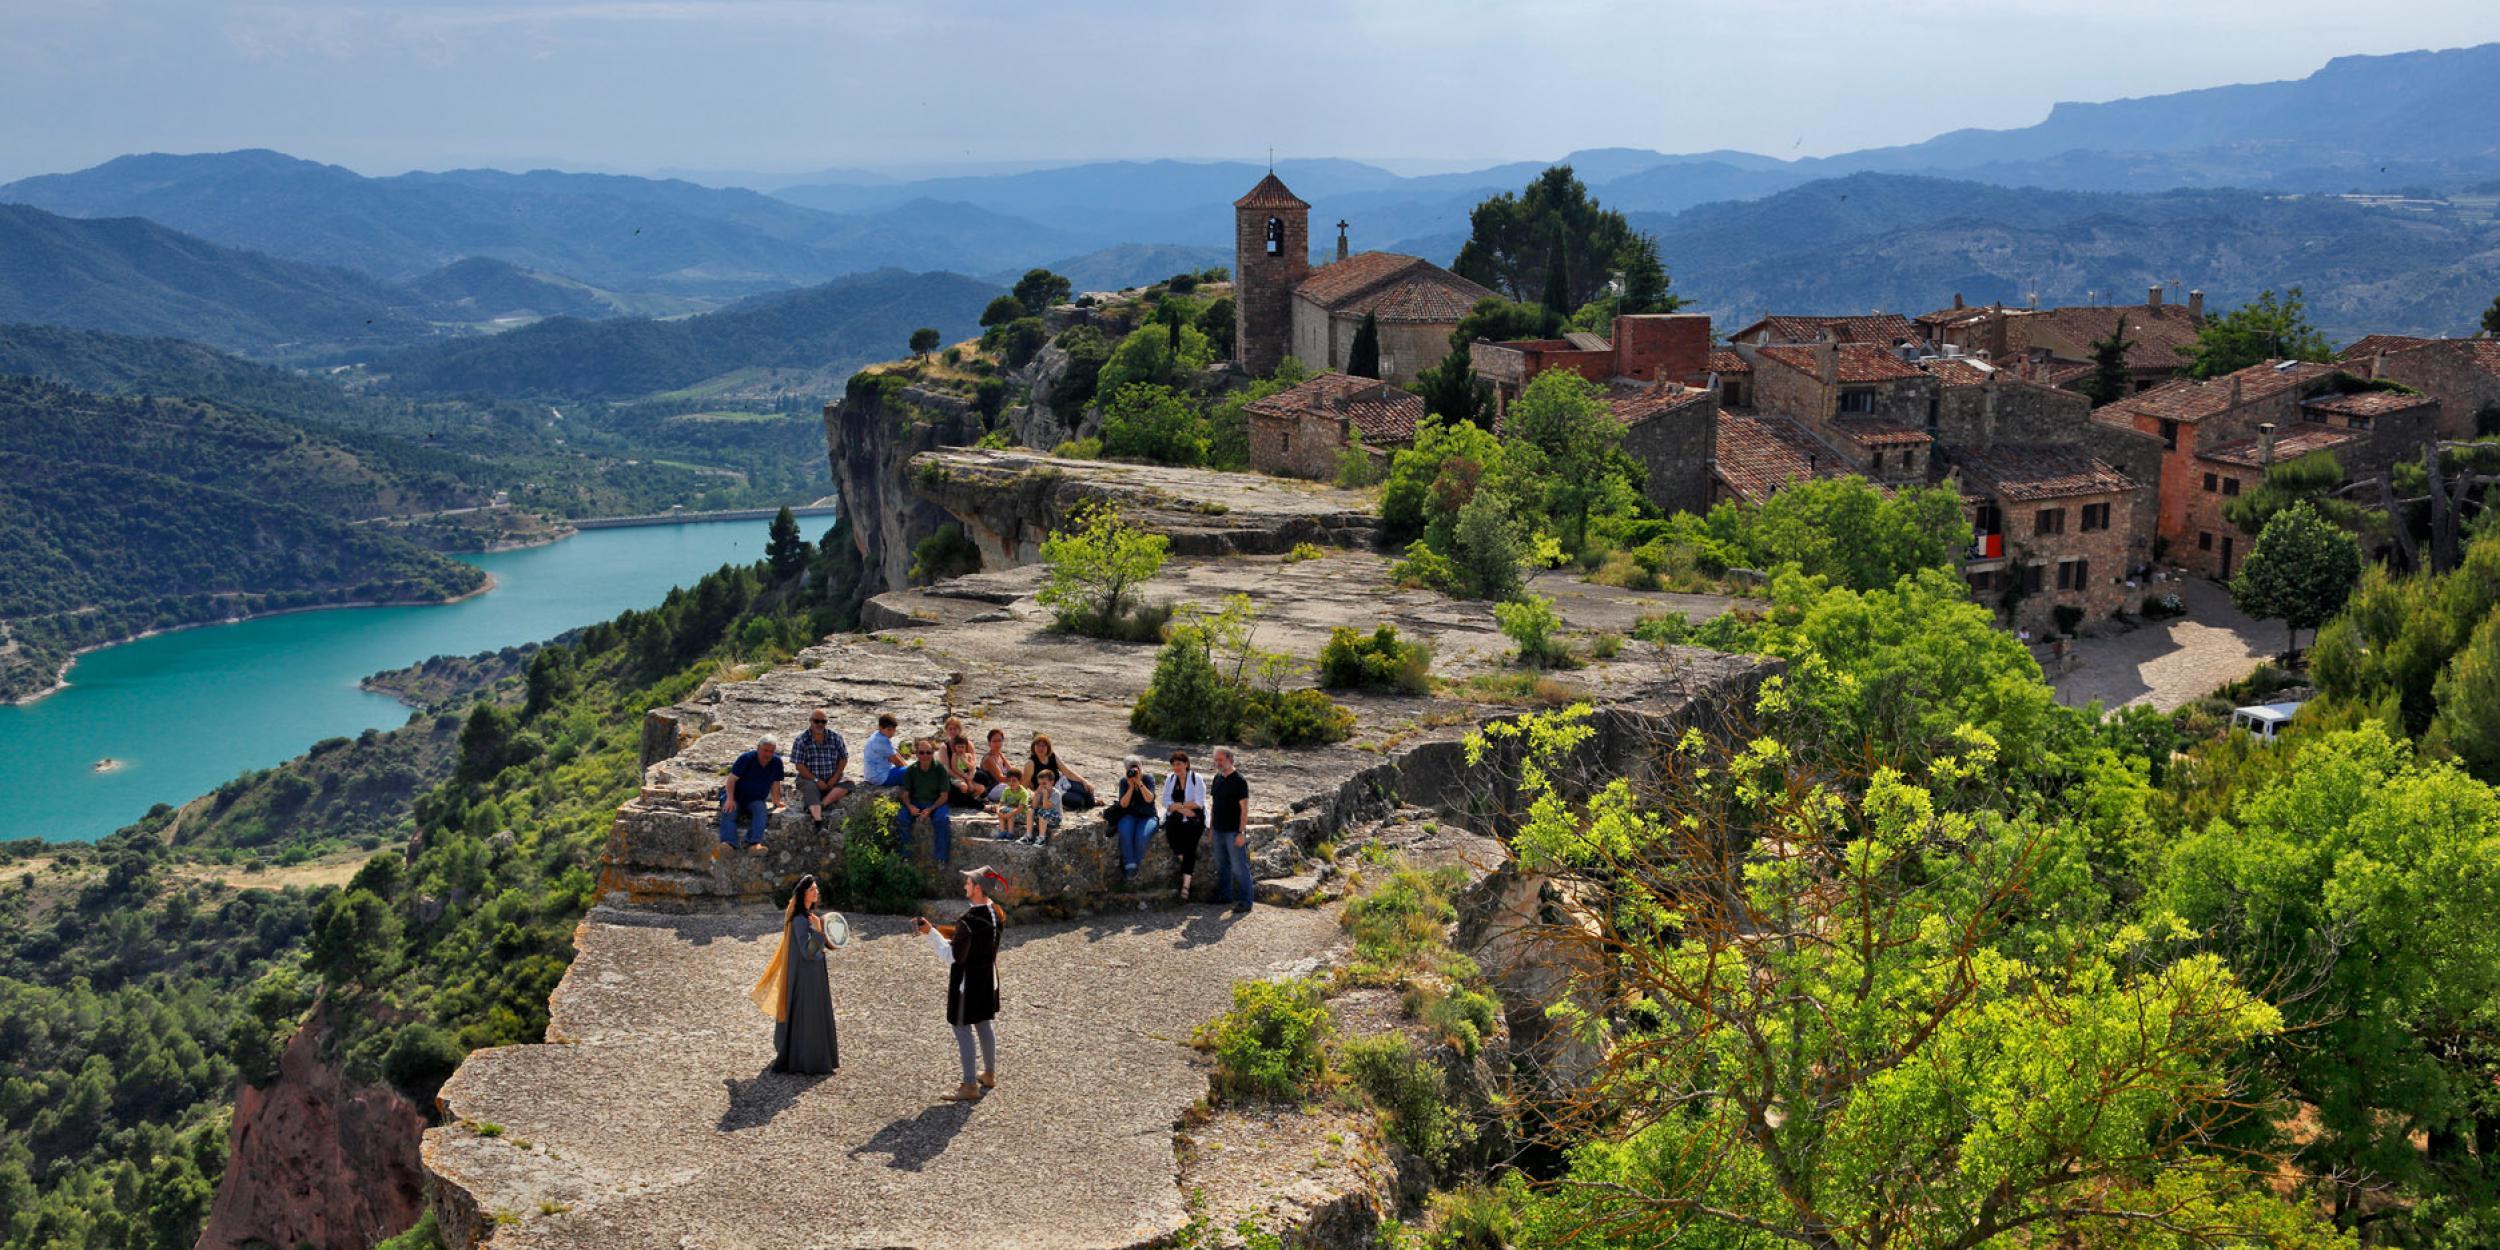 Pueblos de España que merecen ser visitados - Página 2 Visites_guiades_a_siurana